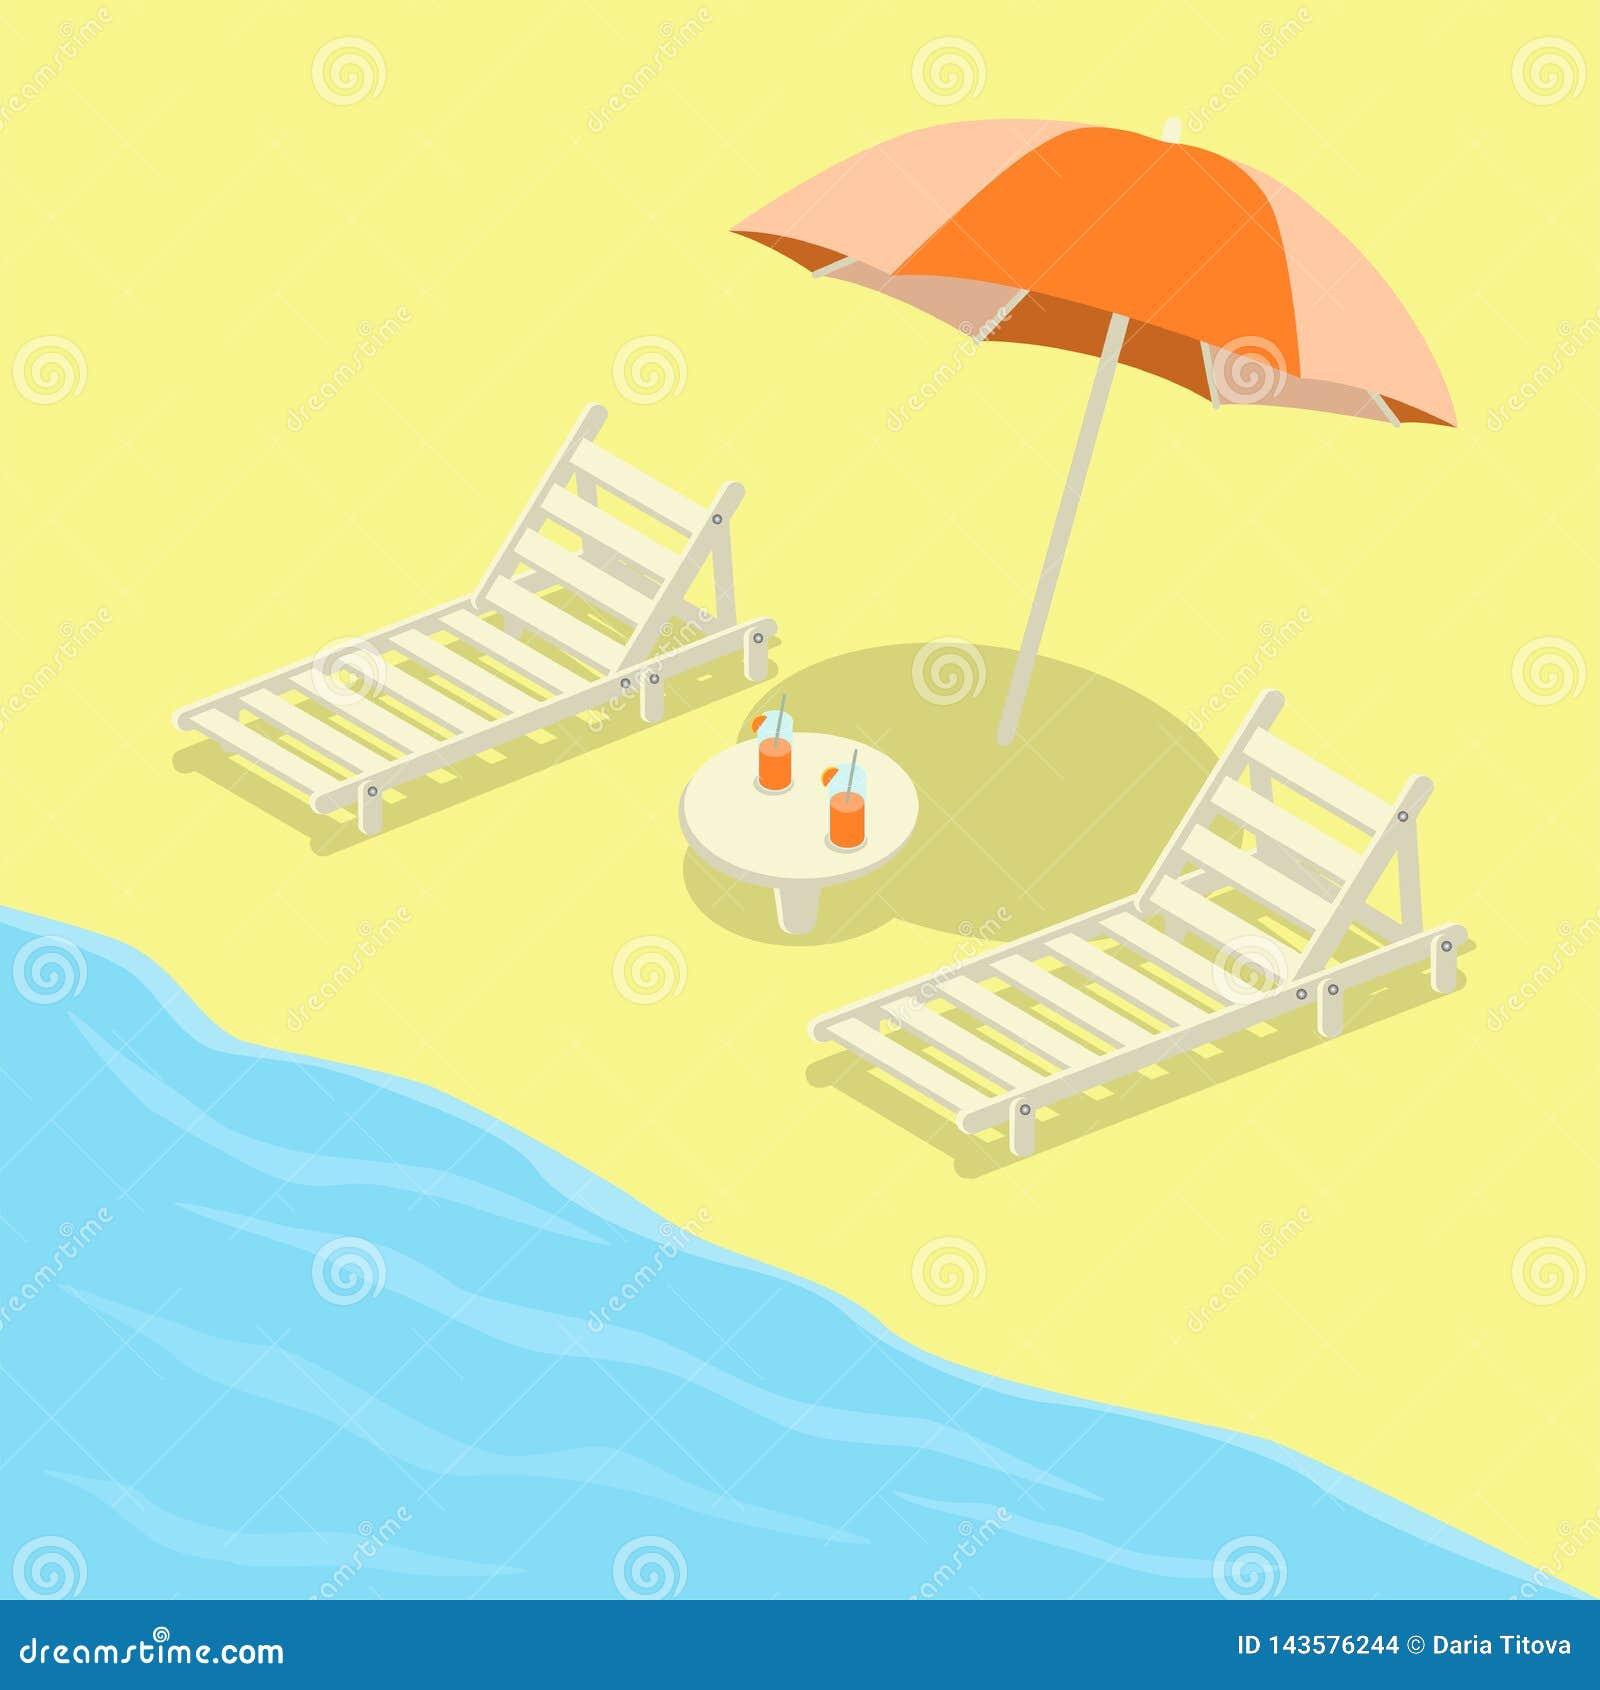 Deckchairs на пляже с зонтиком